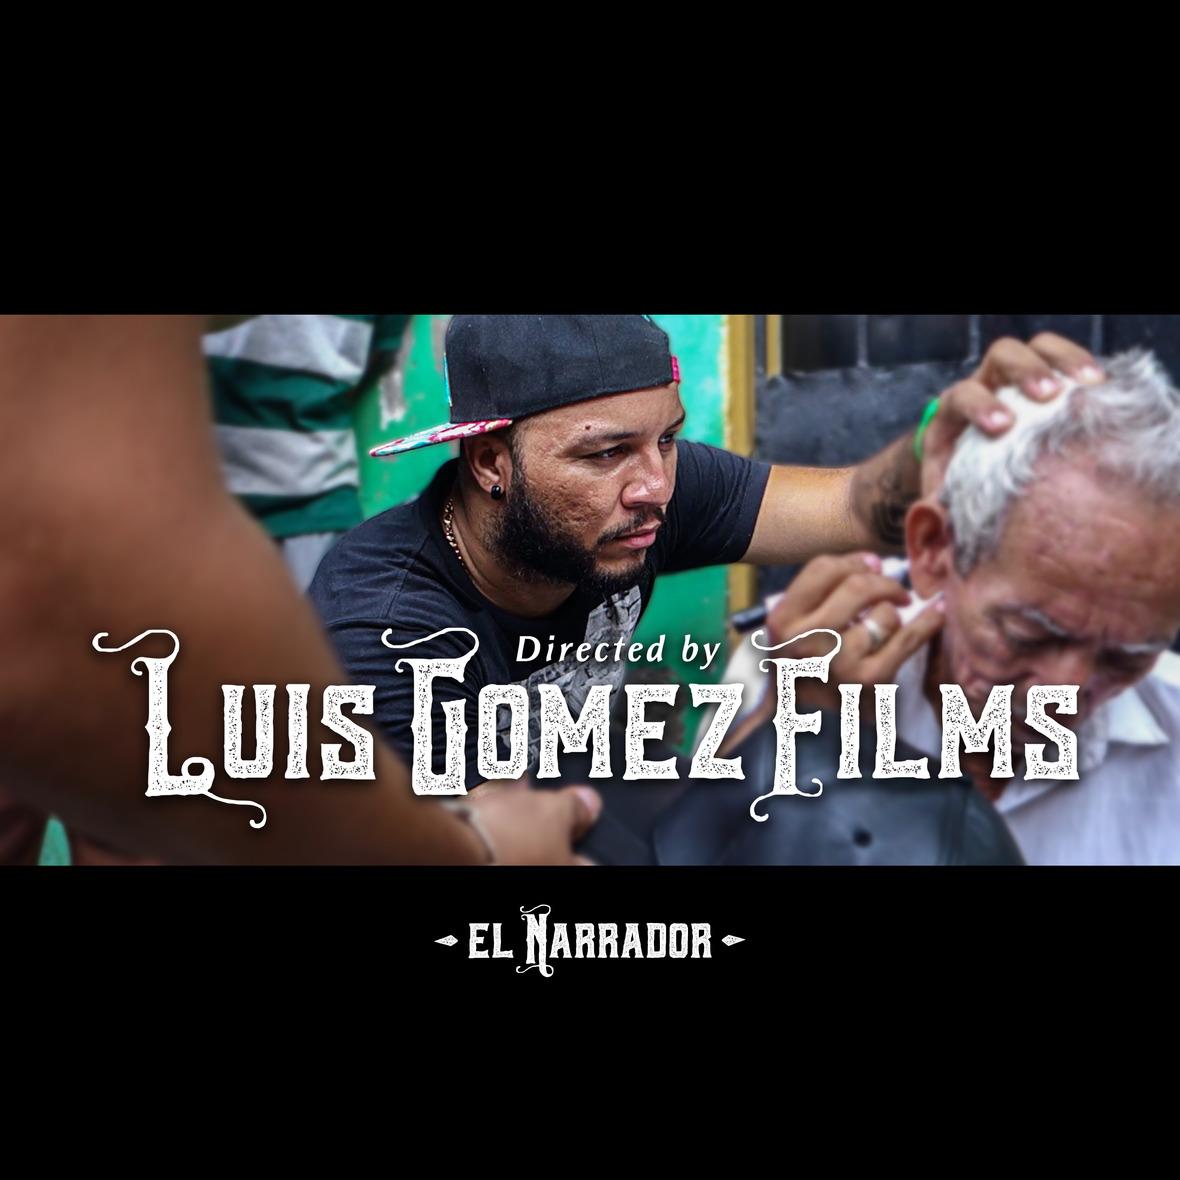 ELNARRADOR JTV Luis